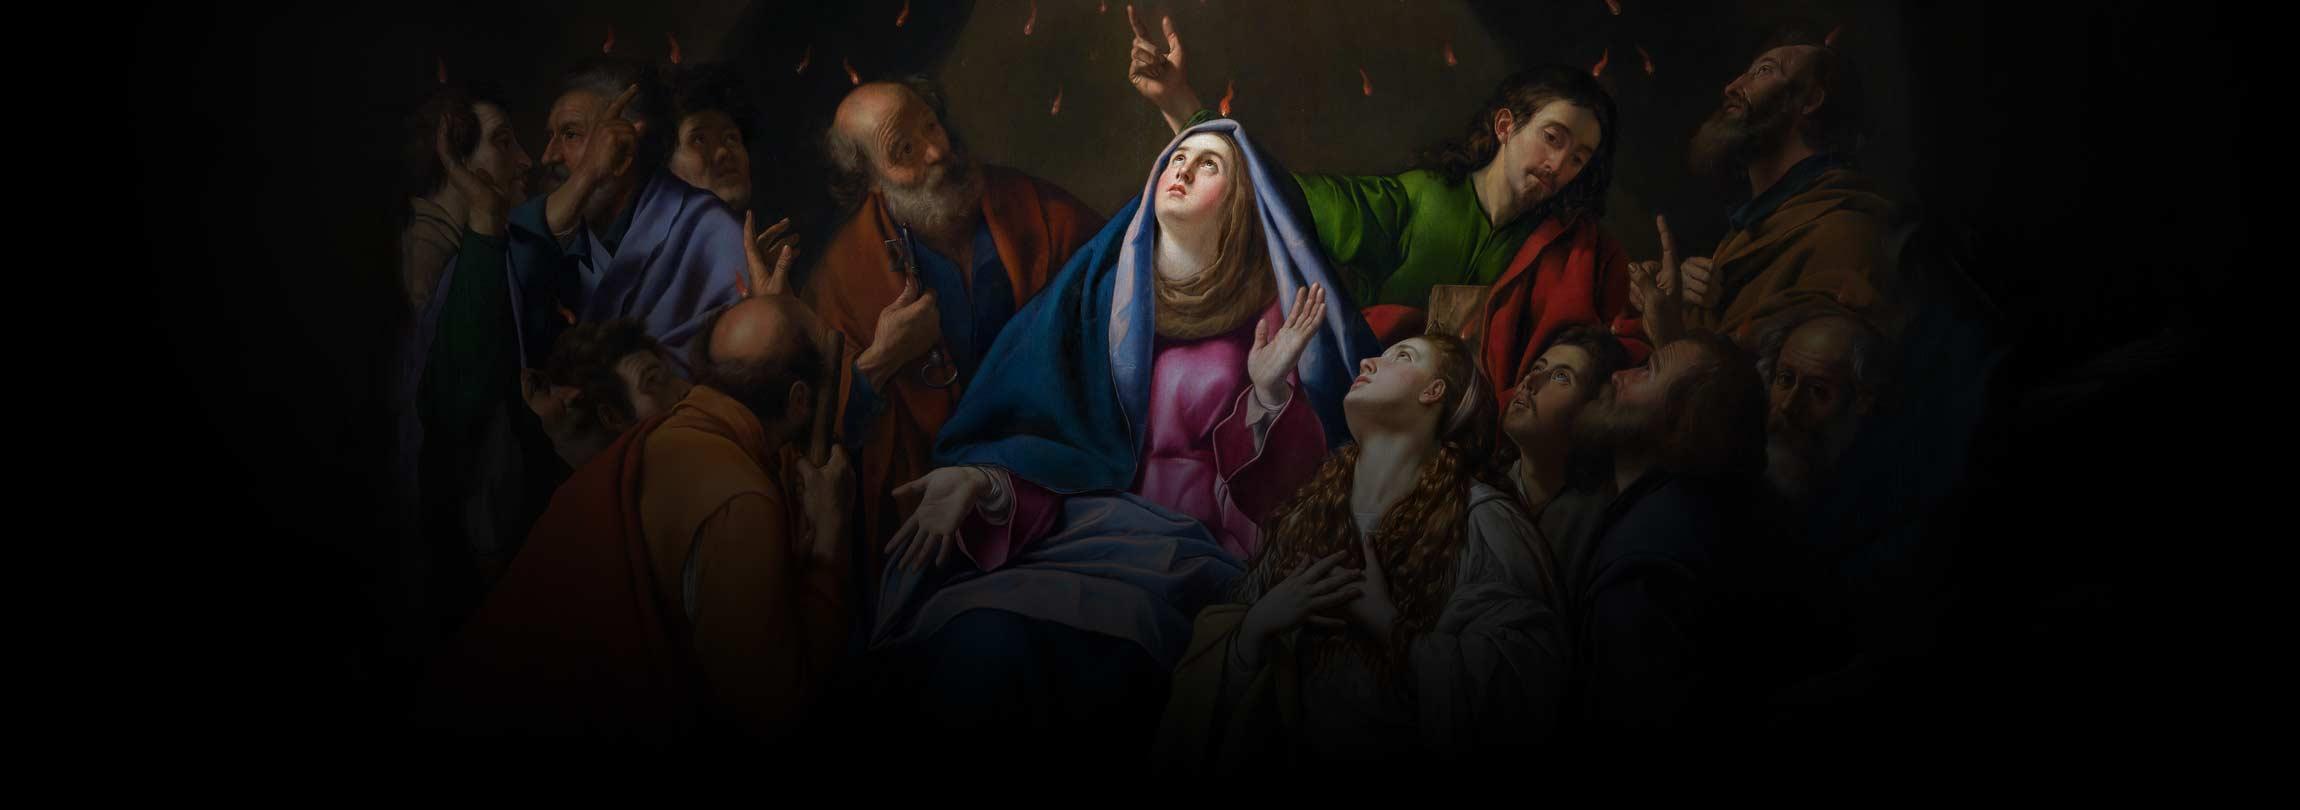 Por que o Espírito Santo aparece em línguas de fogo?